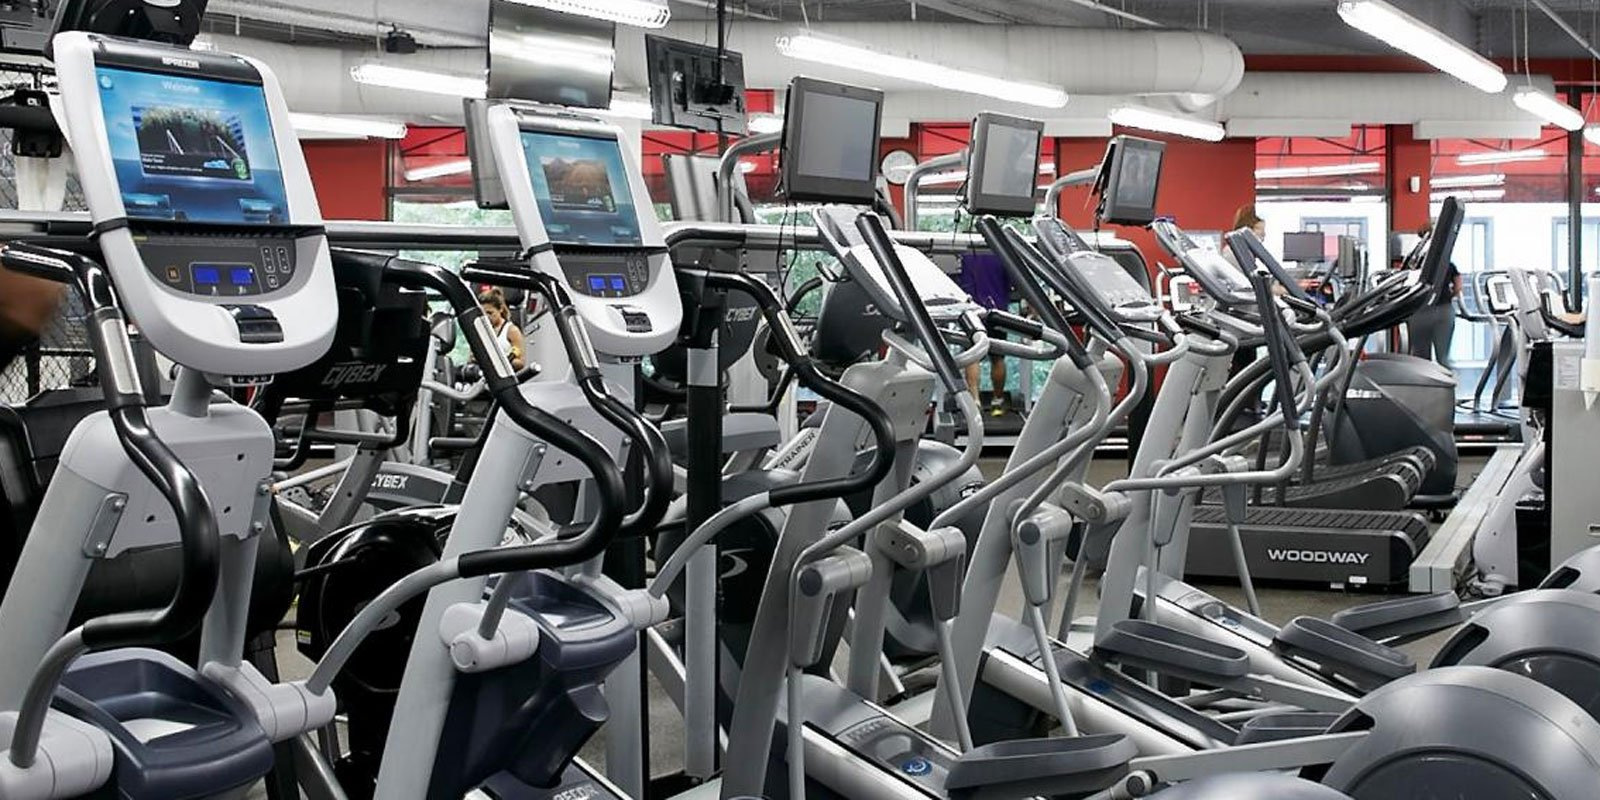 Le catene di fitness statunitensi subiscono violazioni dei dati che interessano 600.000 clienti